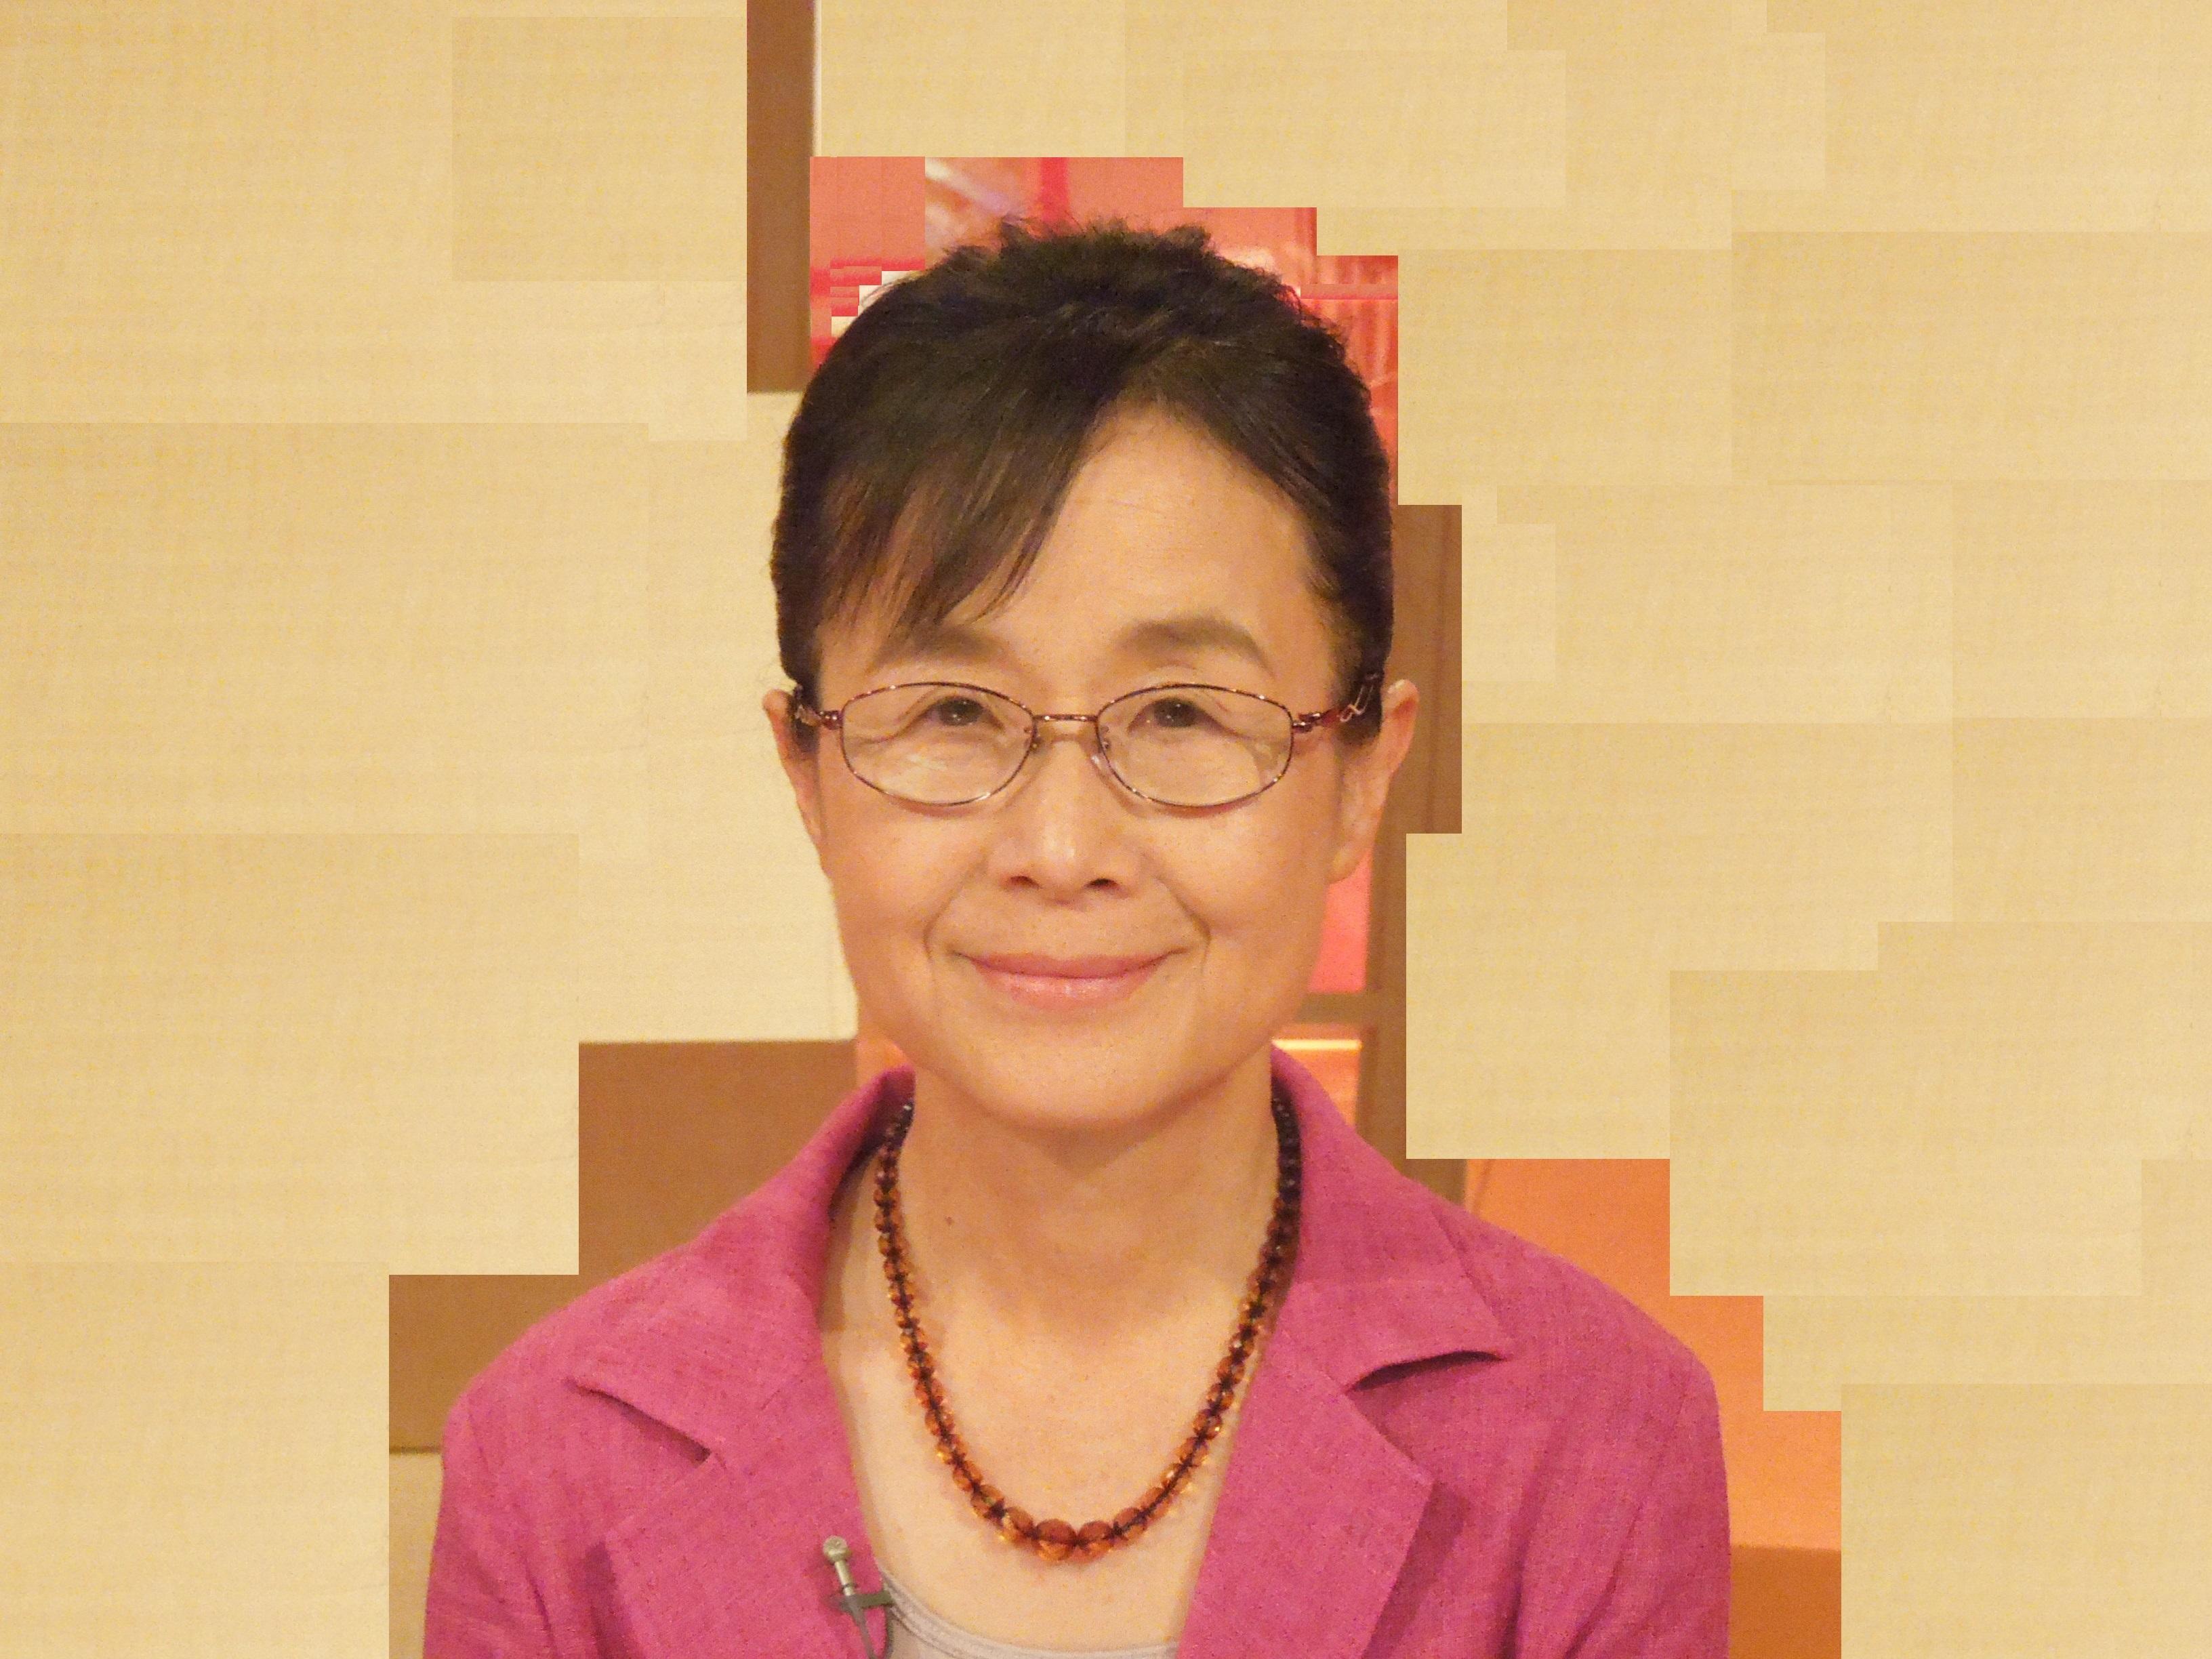 東京家政学院大学 特別公開講座(町田キャンパス)の開講について「メディアに惑わされない食生活~食情報を見極める力を~」